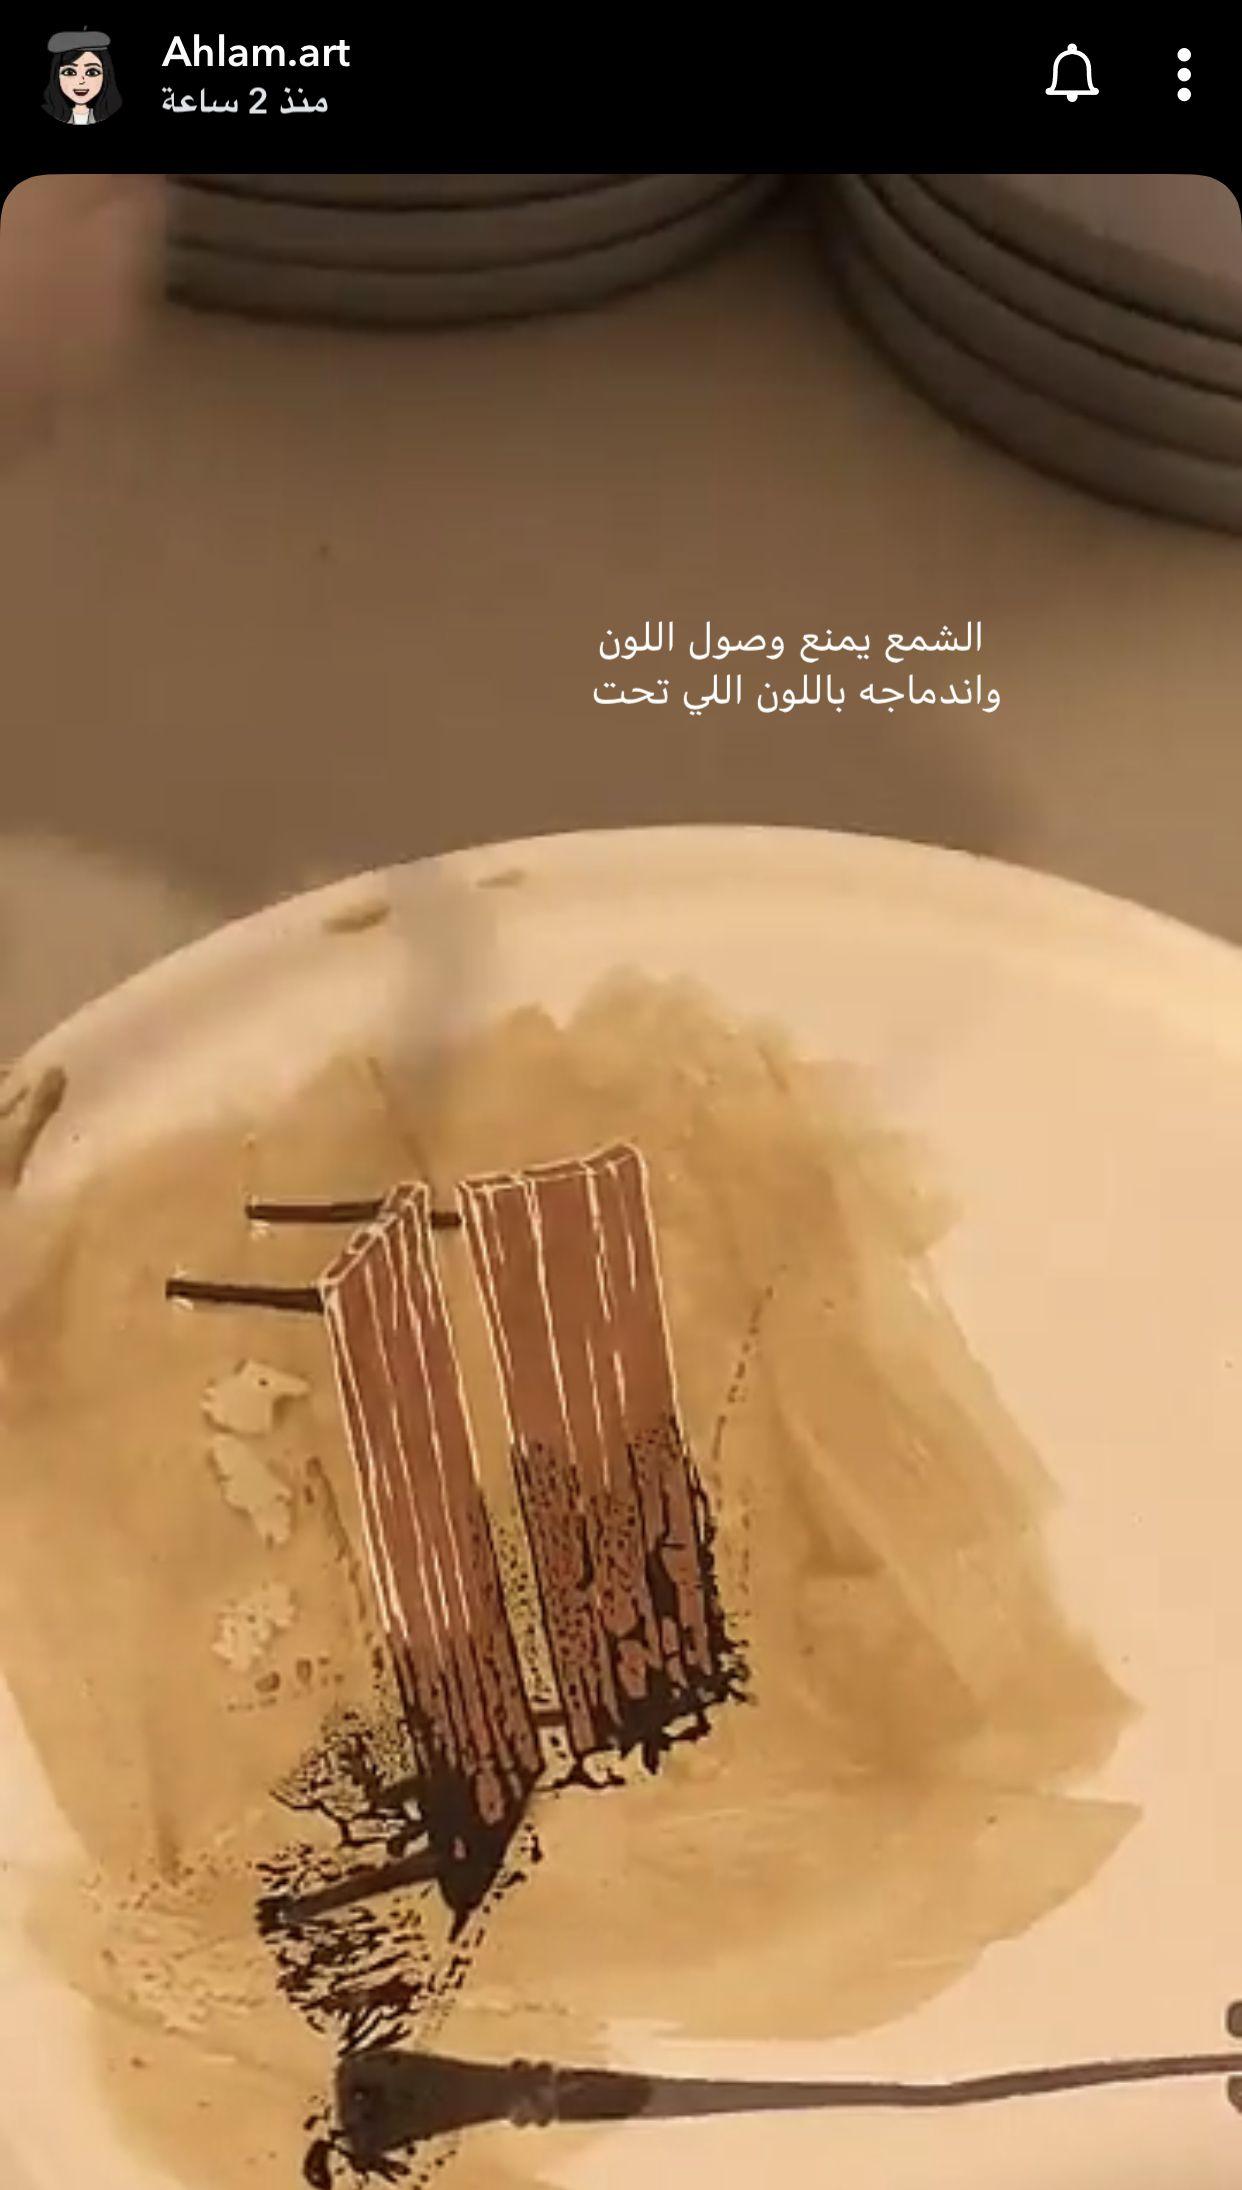 الرسم على الفخار Tableware Diy Plates